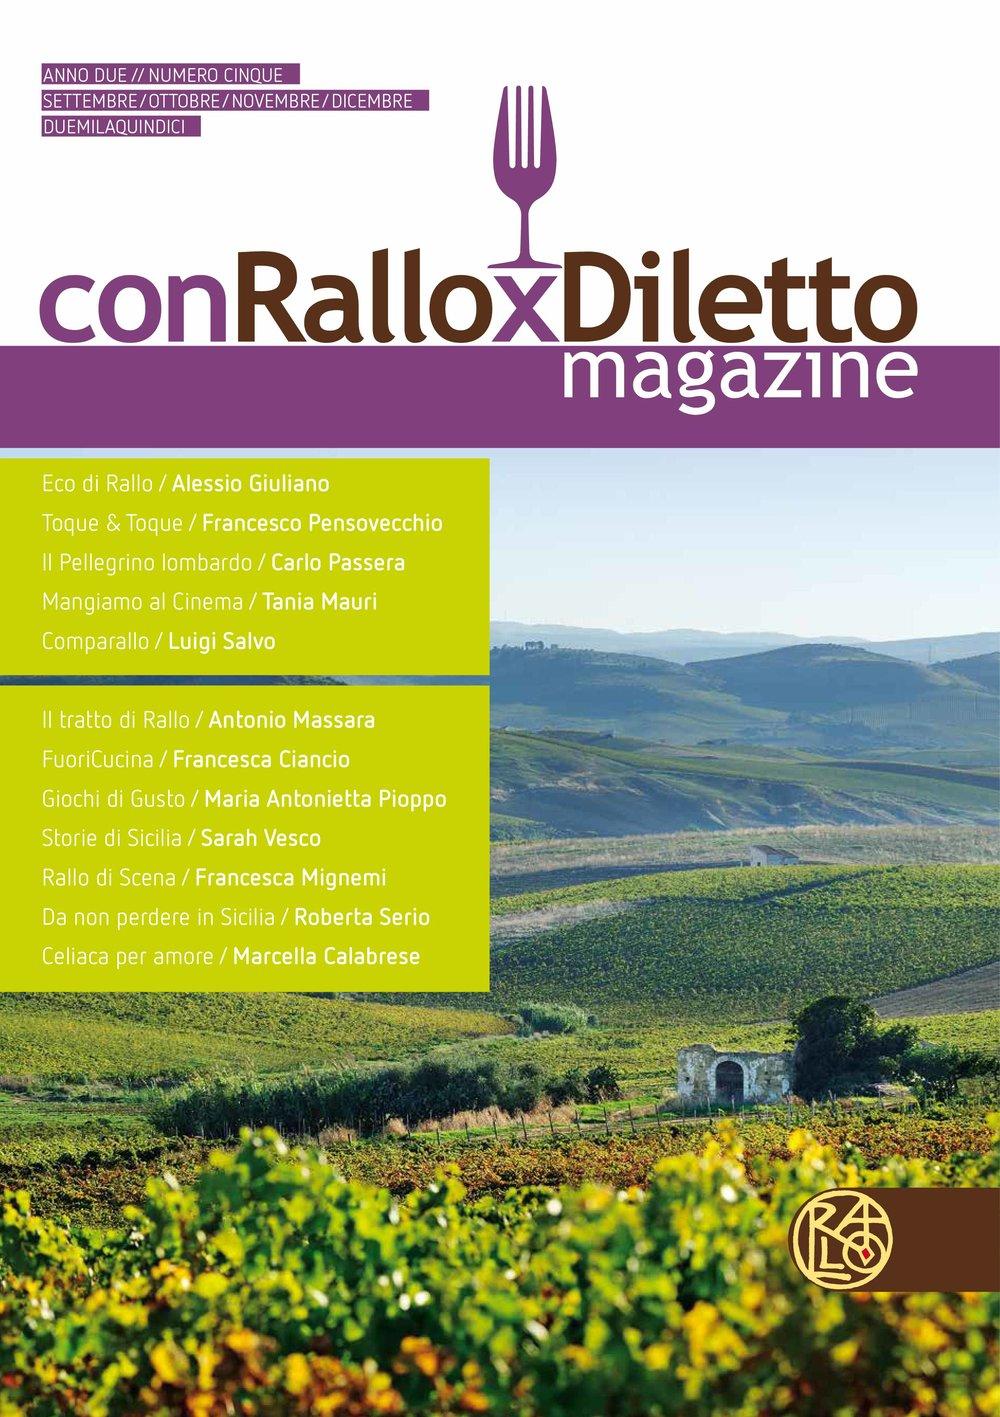 magazine_numerocinque-01.jpg